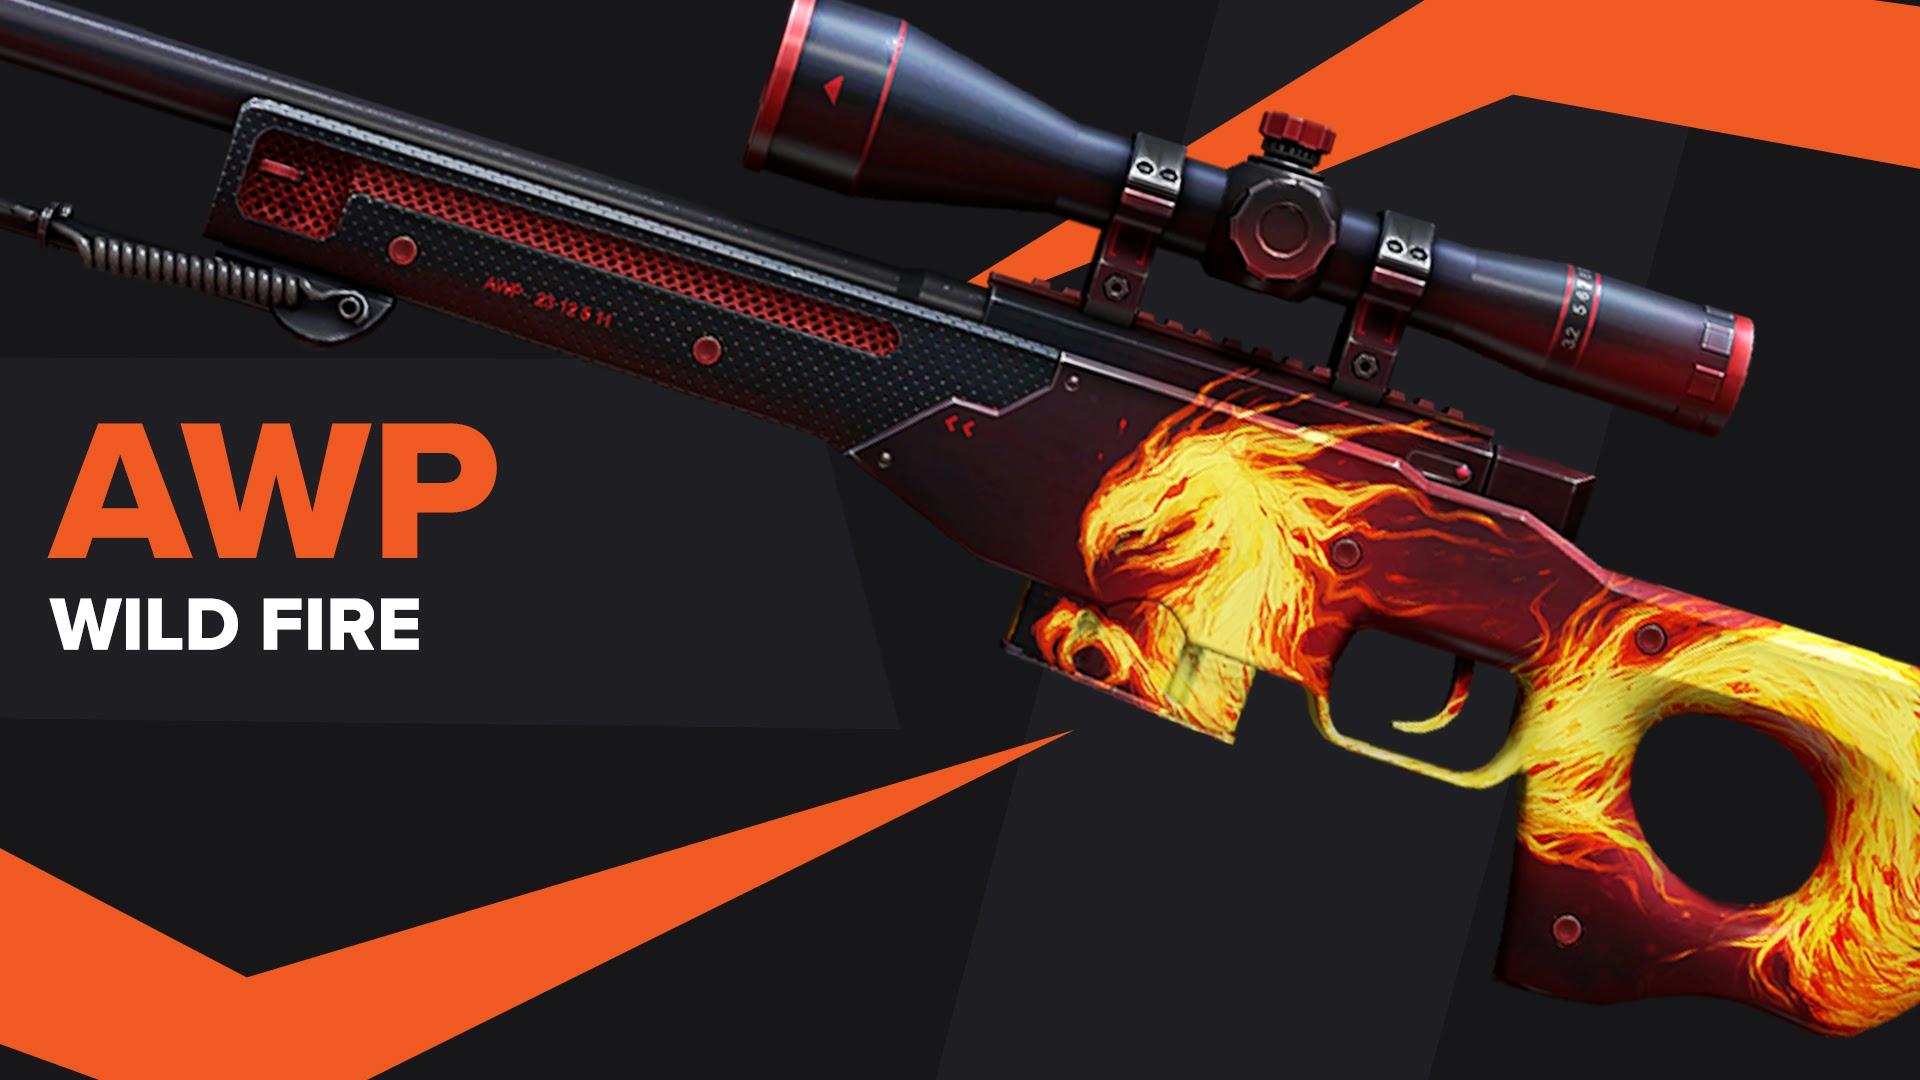 AWP Wild Fire CSGO Skin